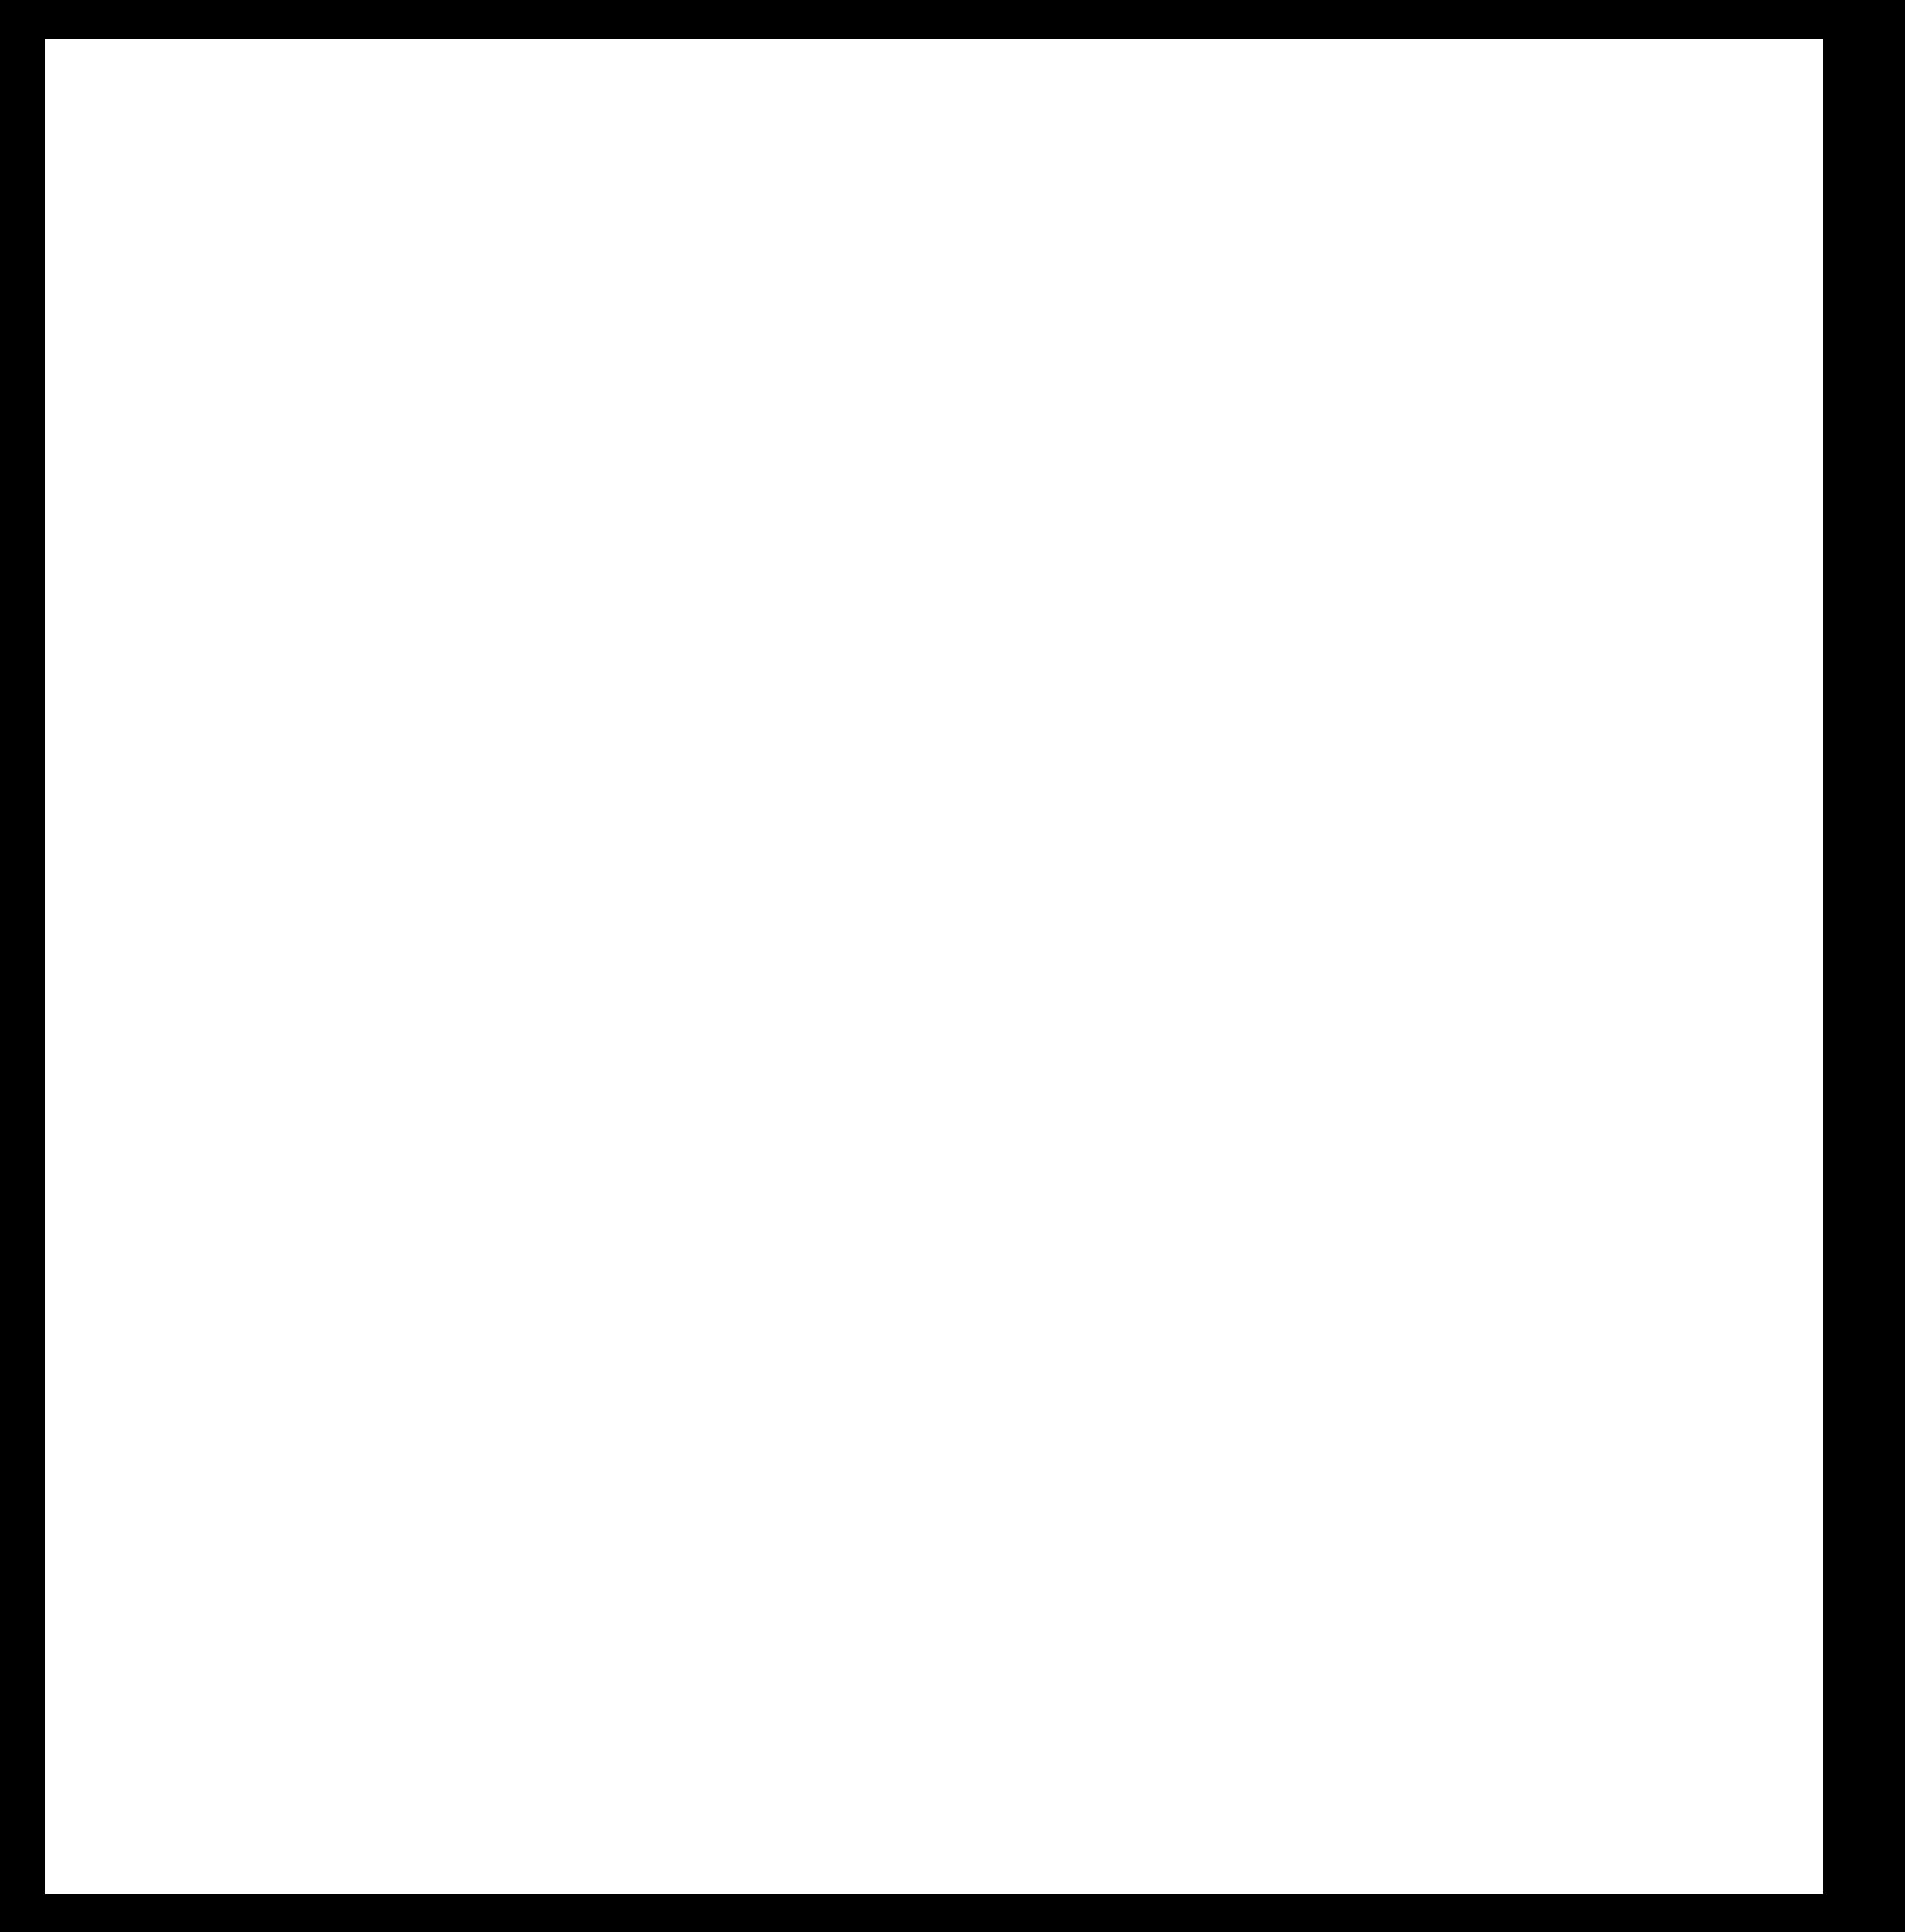 Area tecnica e accessori